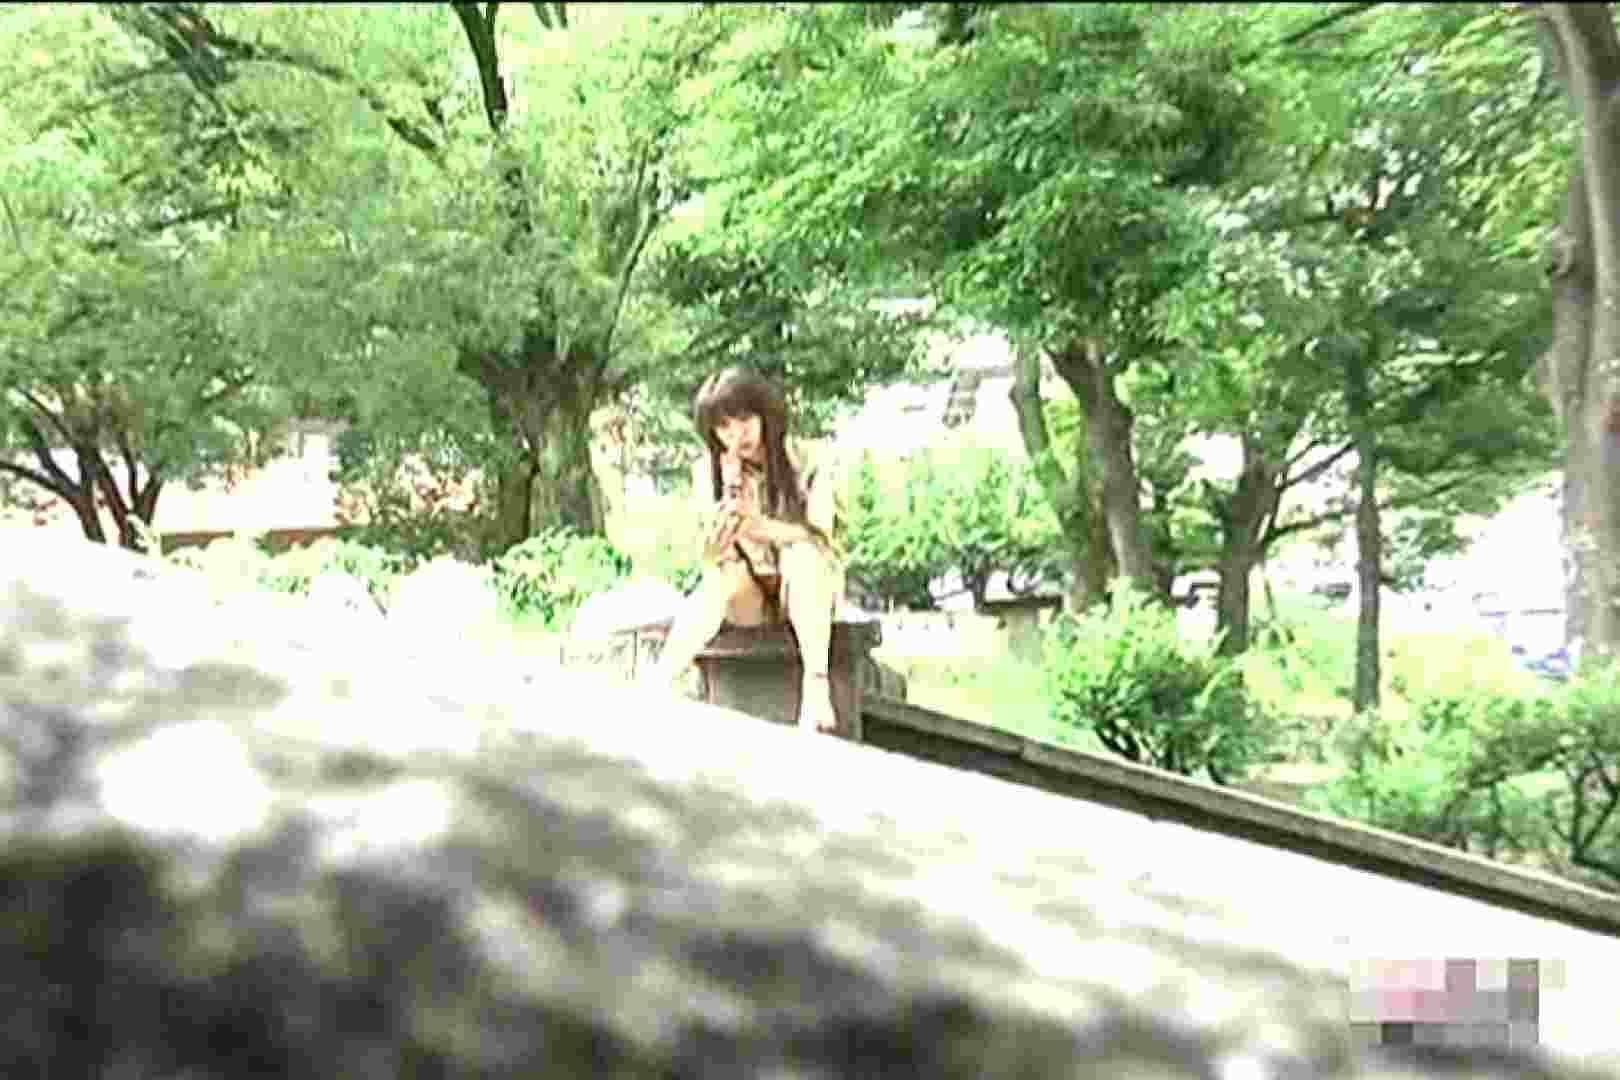 マンチラインパクトVol.7 美女OL  79連発 60